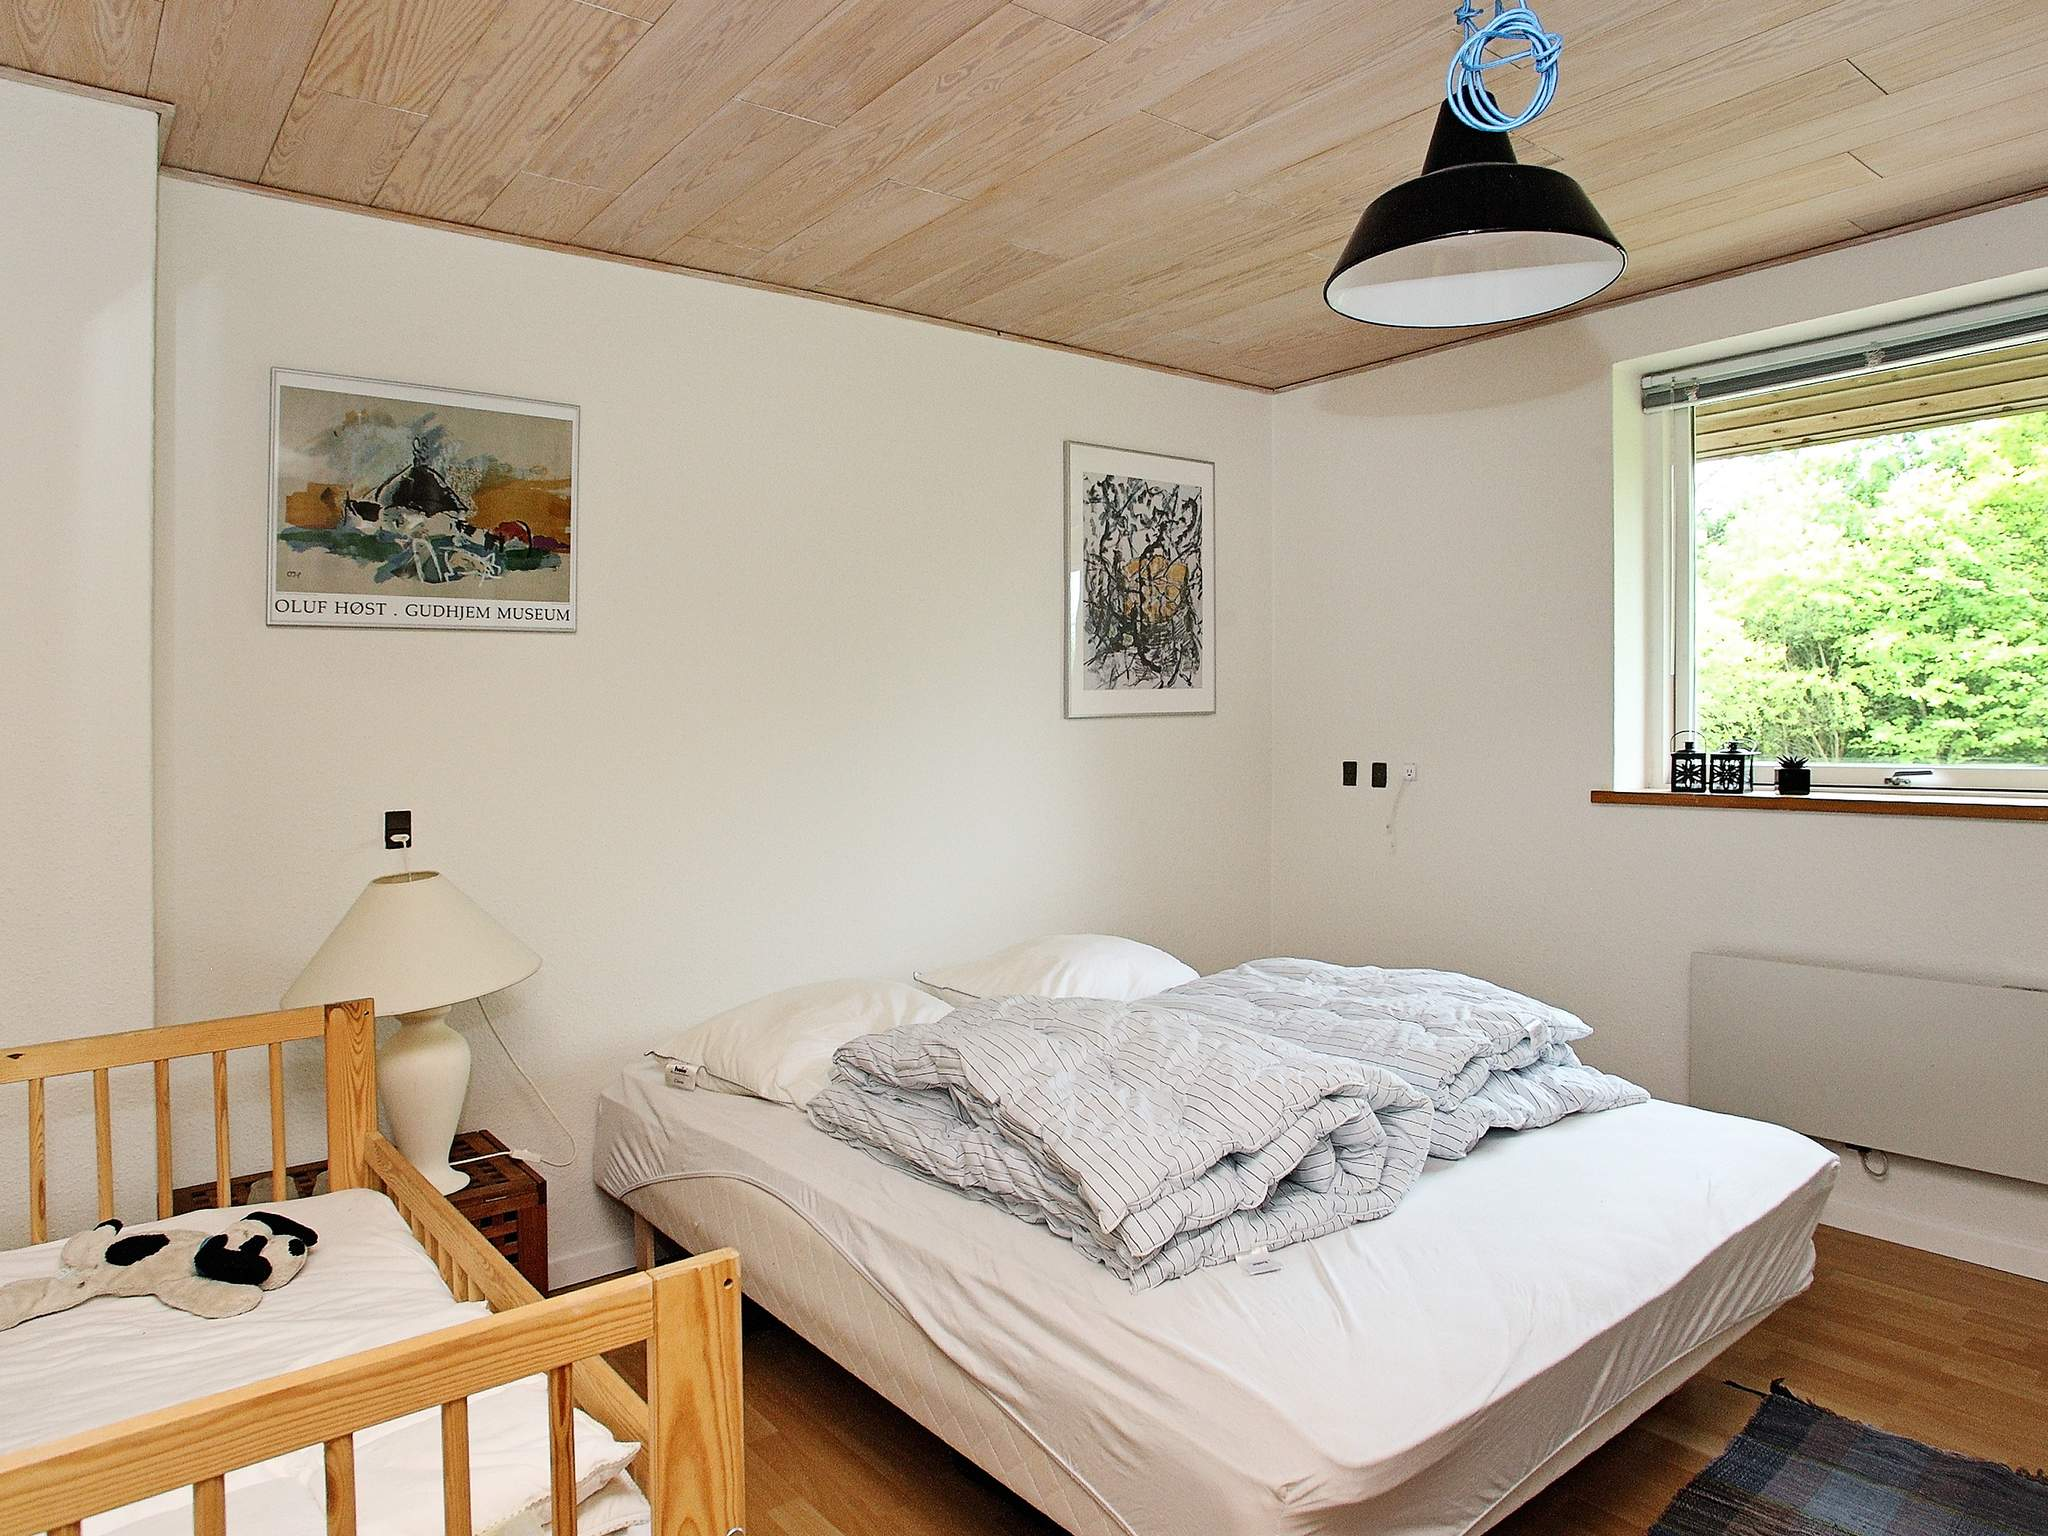 Ferienhaus Lynderup (953846), Lynderup, , Ostjütland, Dänemark, Bild 11